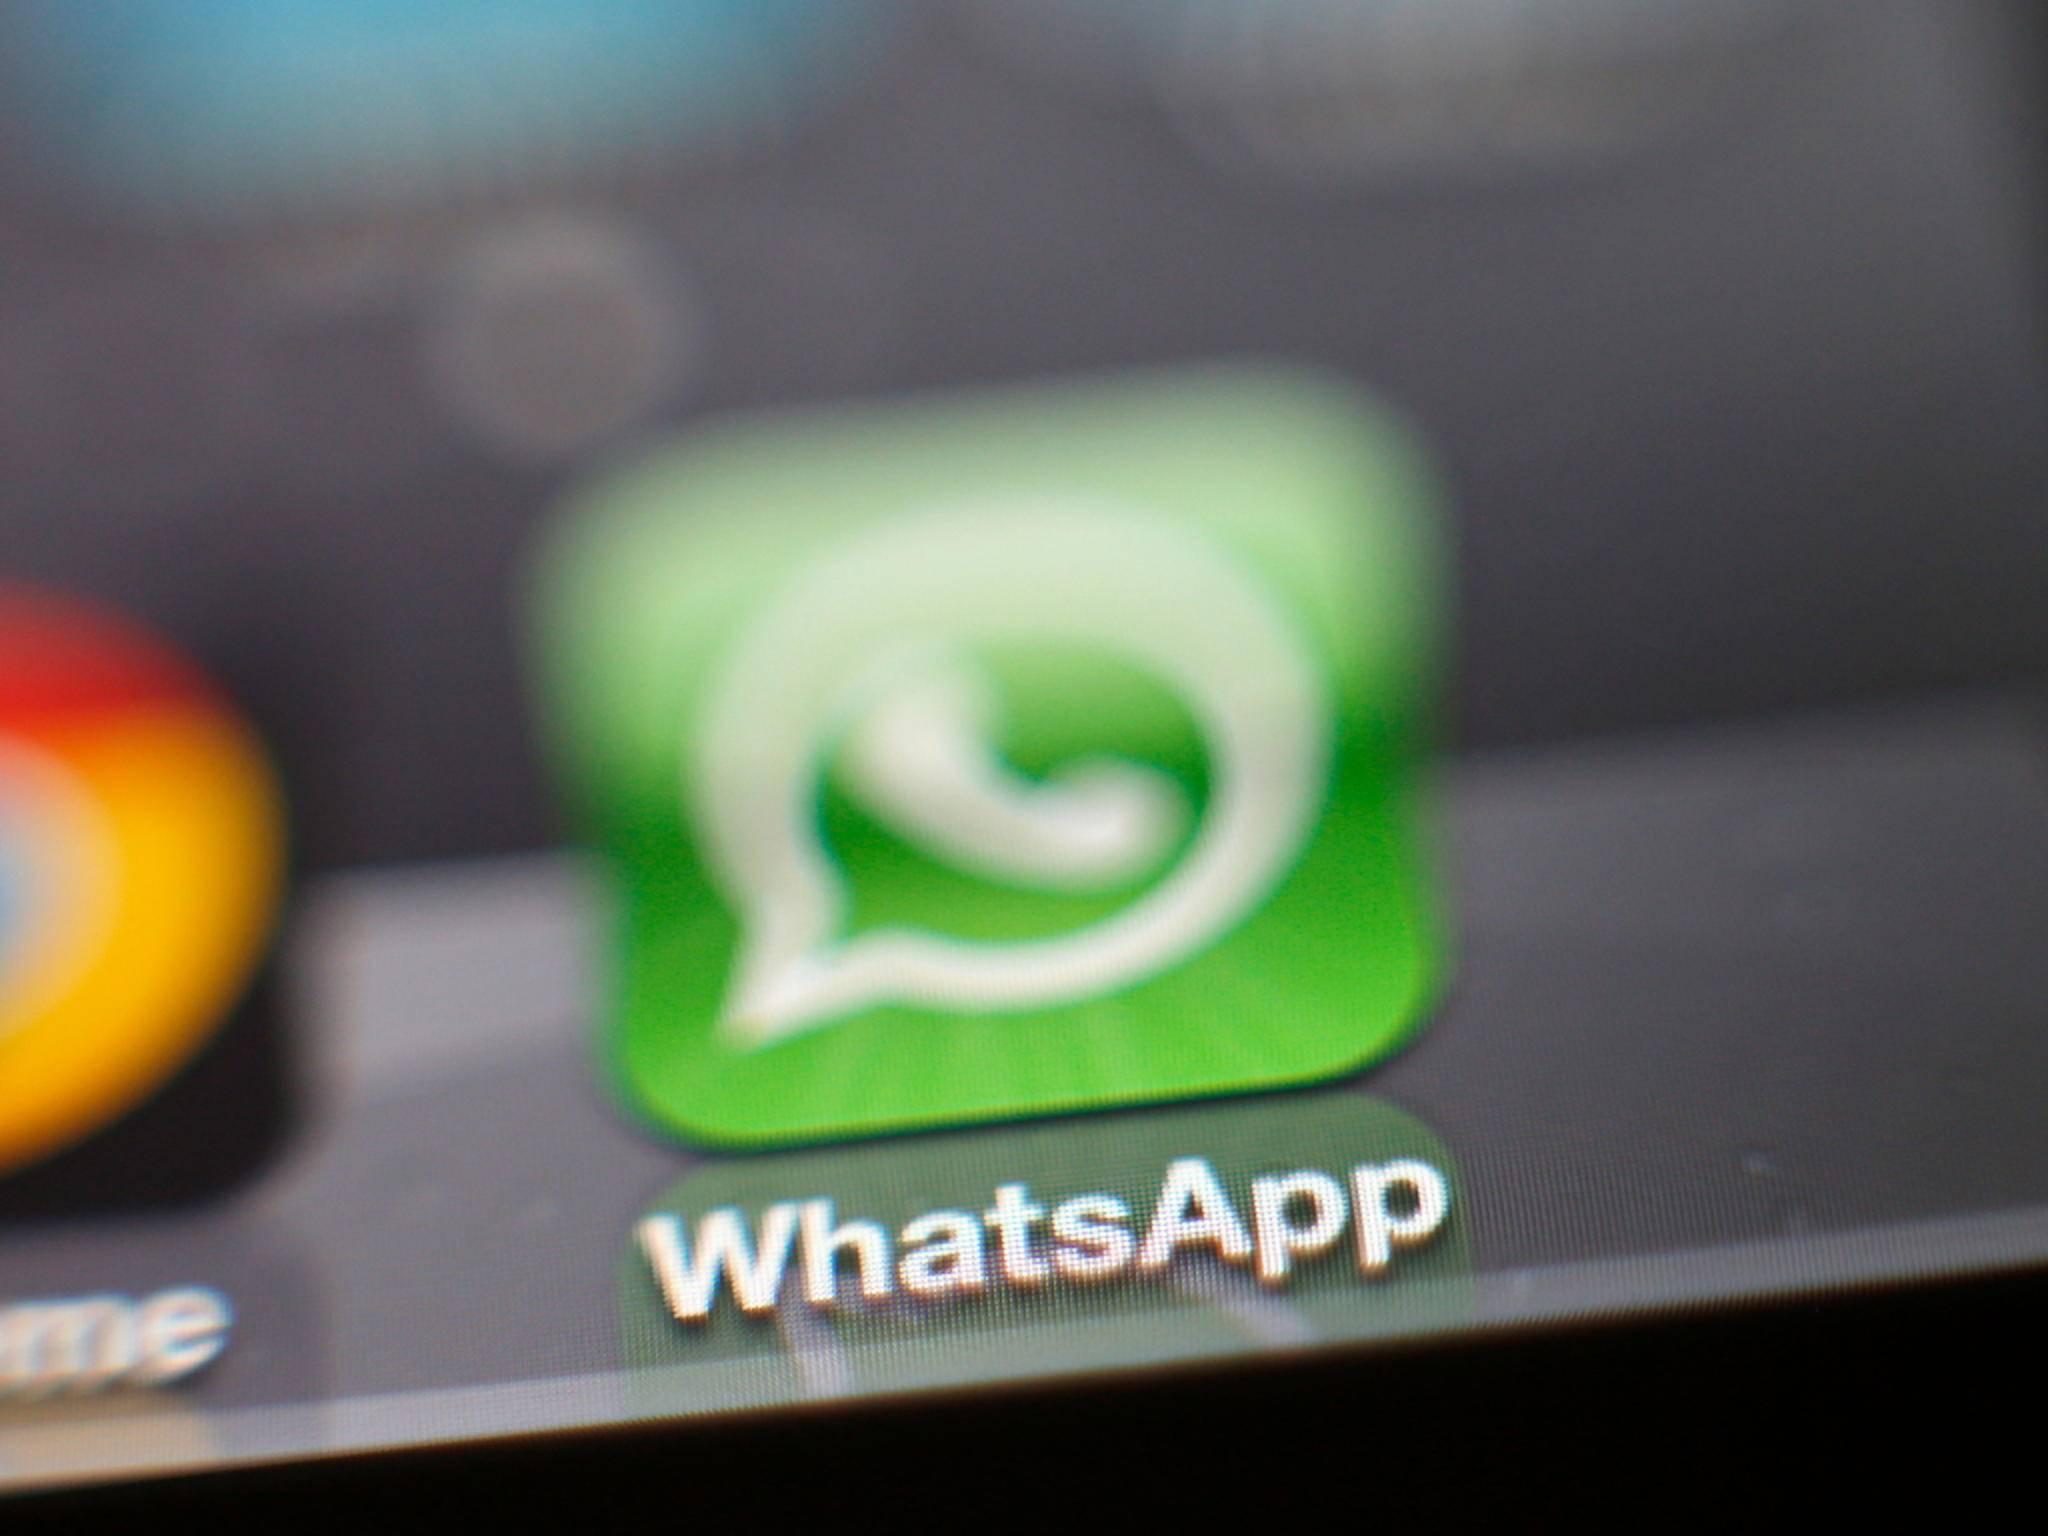 Viele WhatsApp-Nutzer waren über die neuen Lesebestätigungen verärgert.